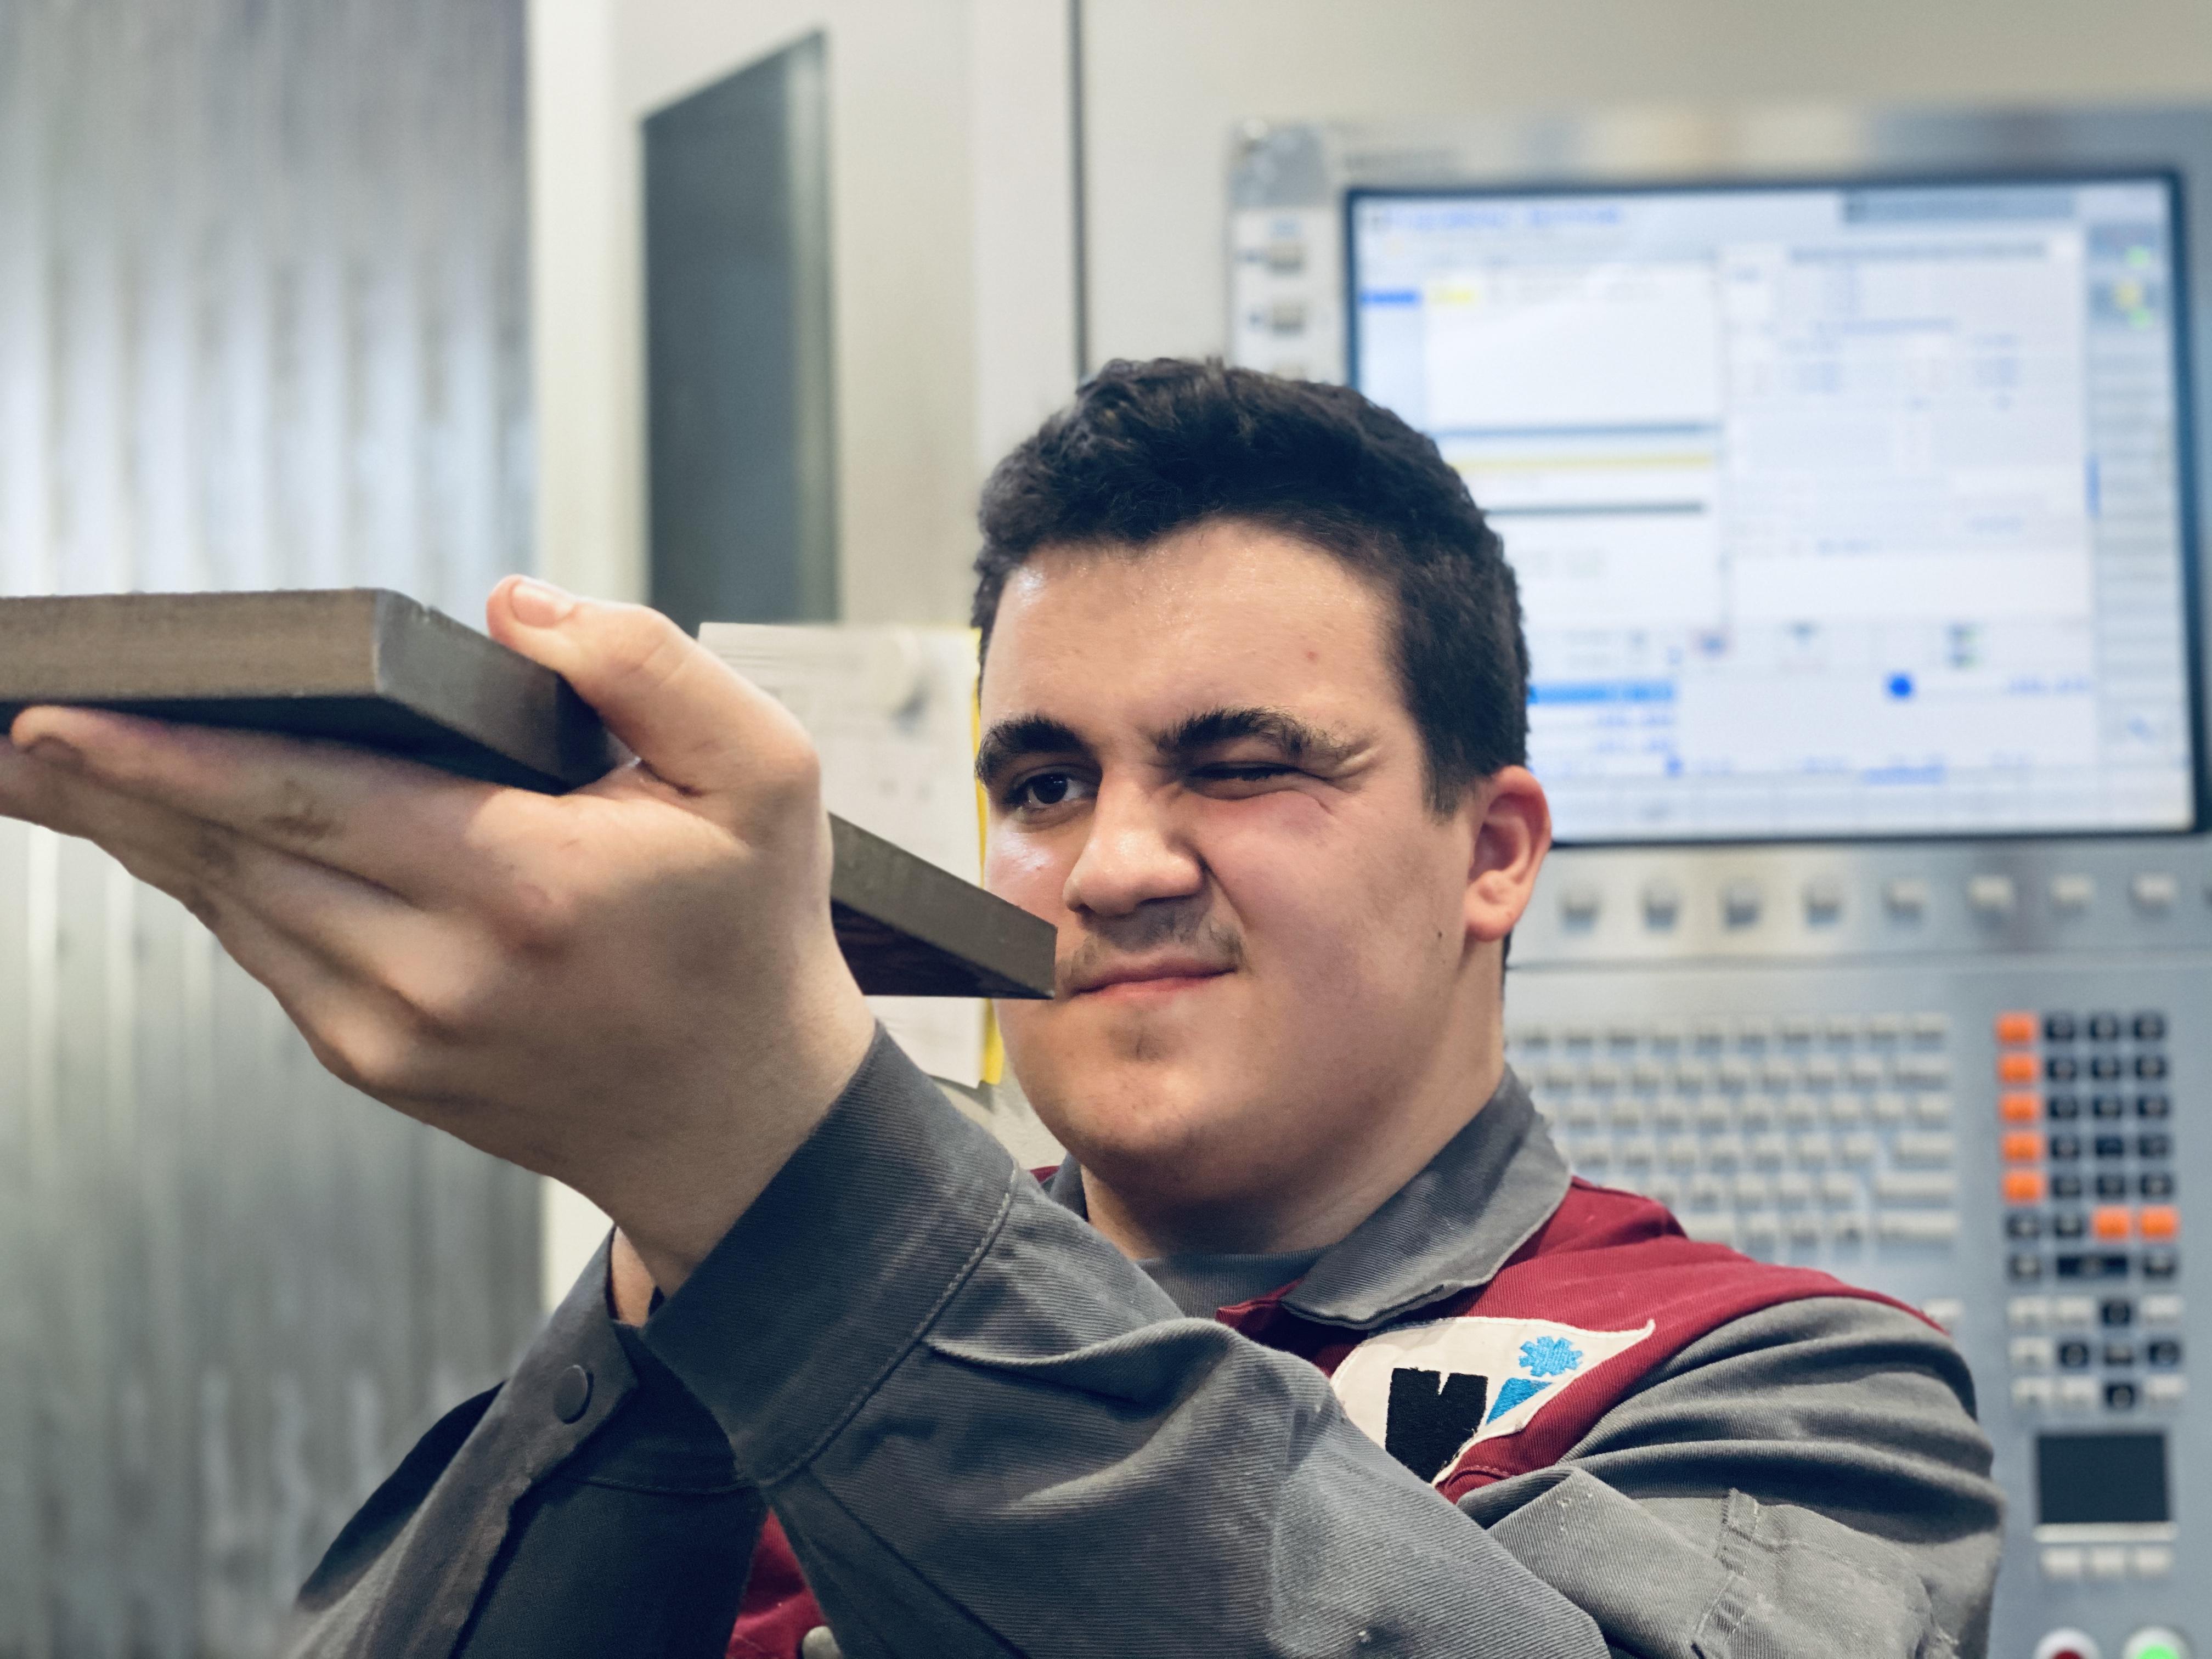 Winkelbauer GmbH, Baumaschinenausrüstung, Anbaugeräte, Wear Parts, Komponentenfertigung, Ideenschmiede, Lehrlingsausbildung, Lehre, Lehrling